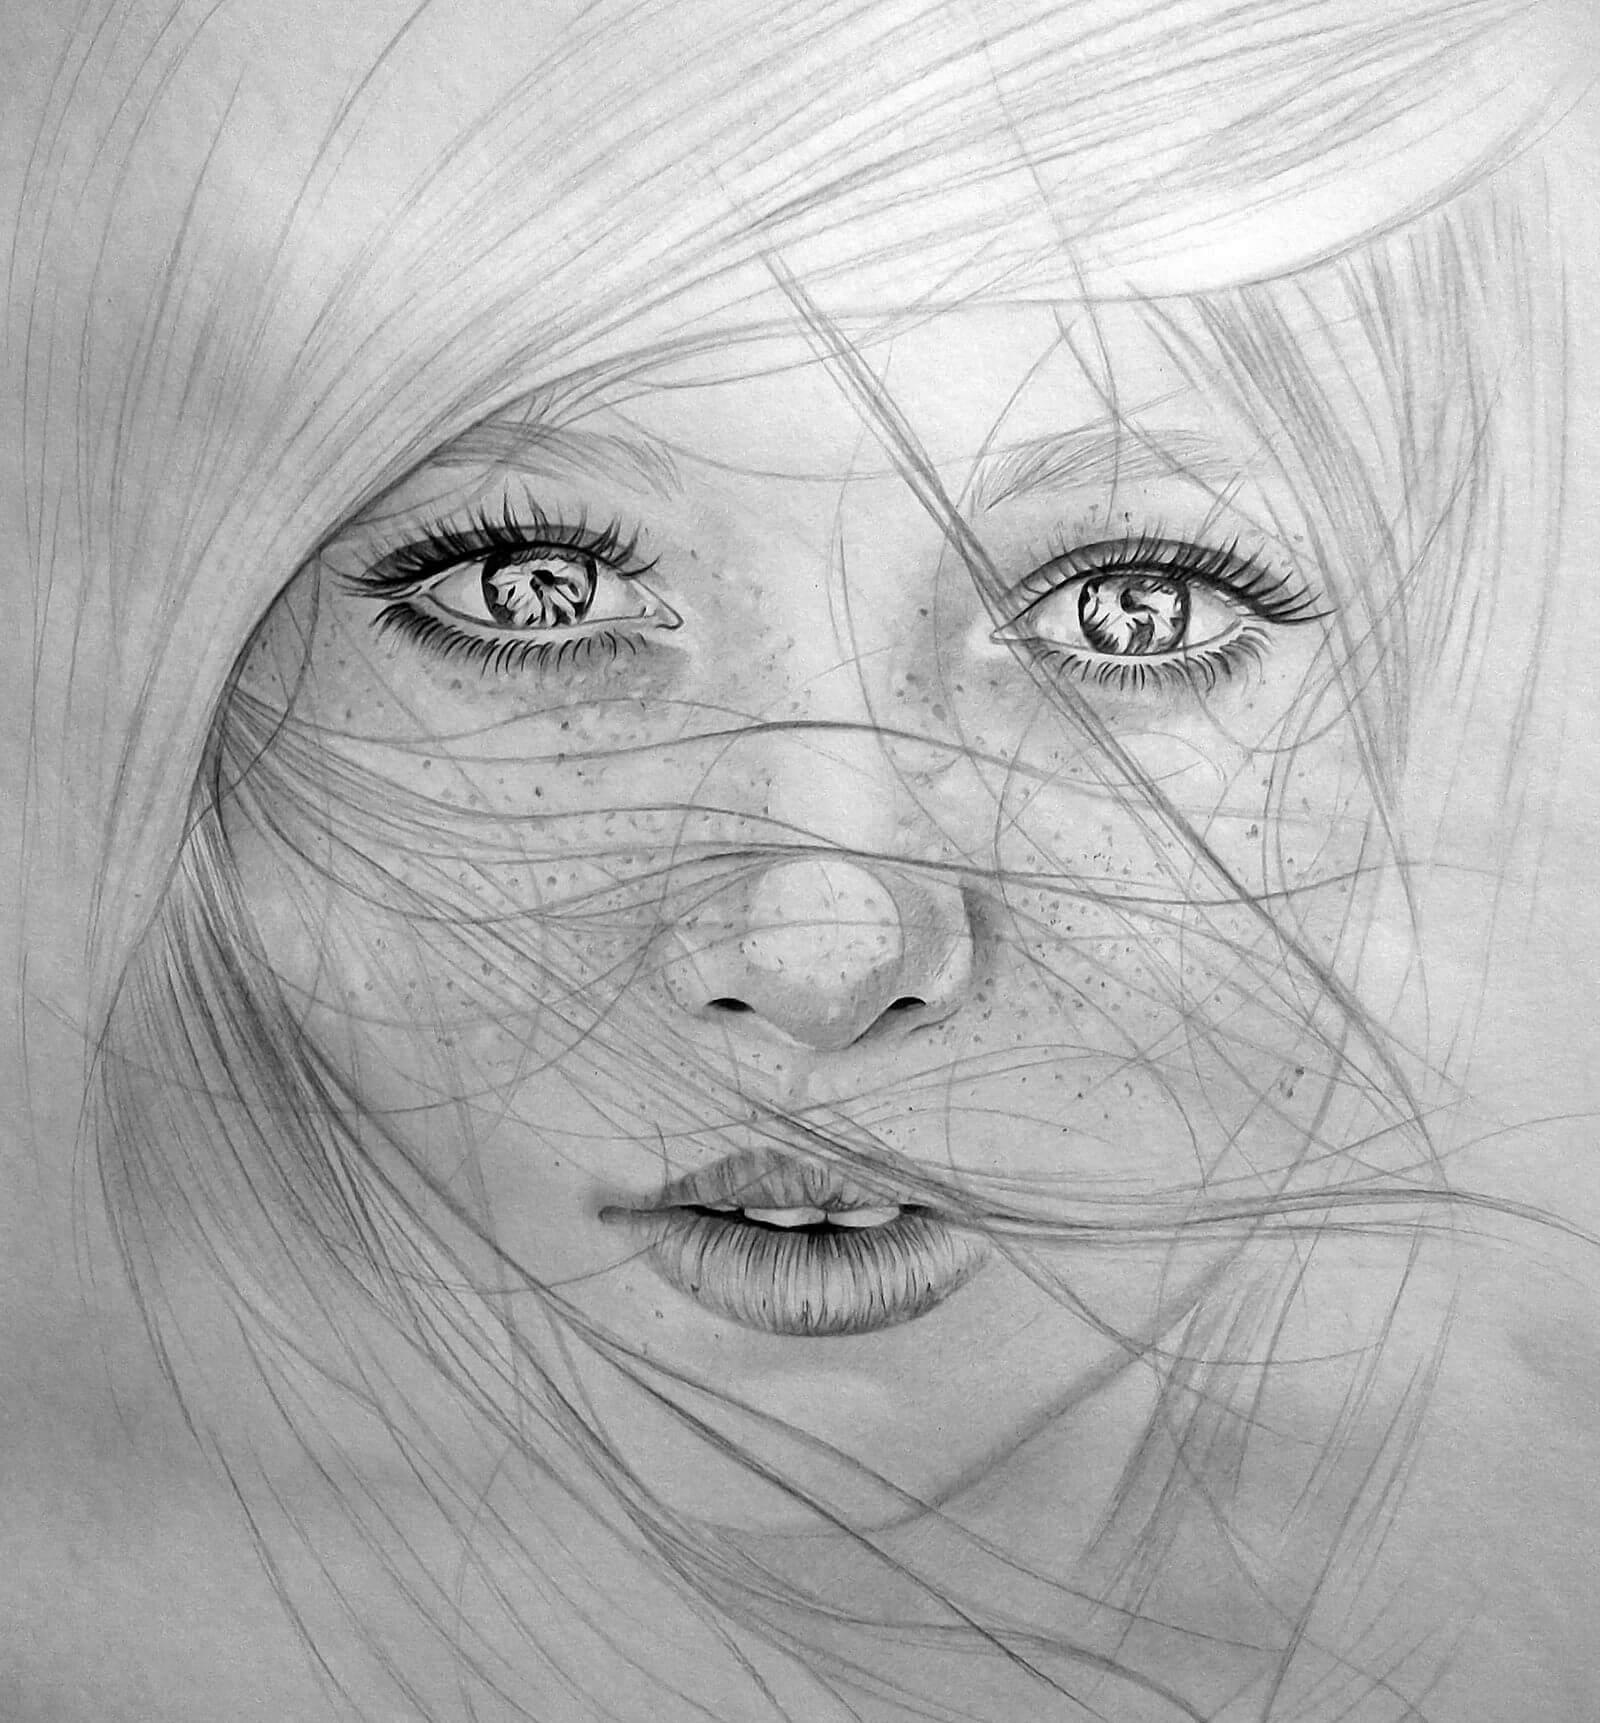 Красивые картинки карандашом девушек и девочек - подборка 8